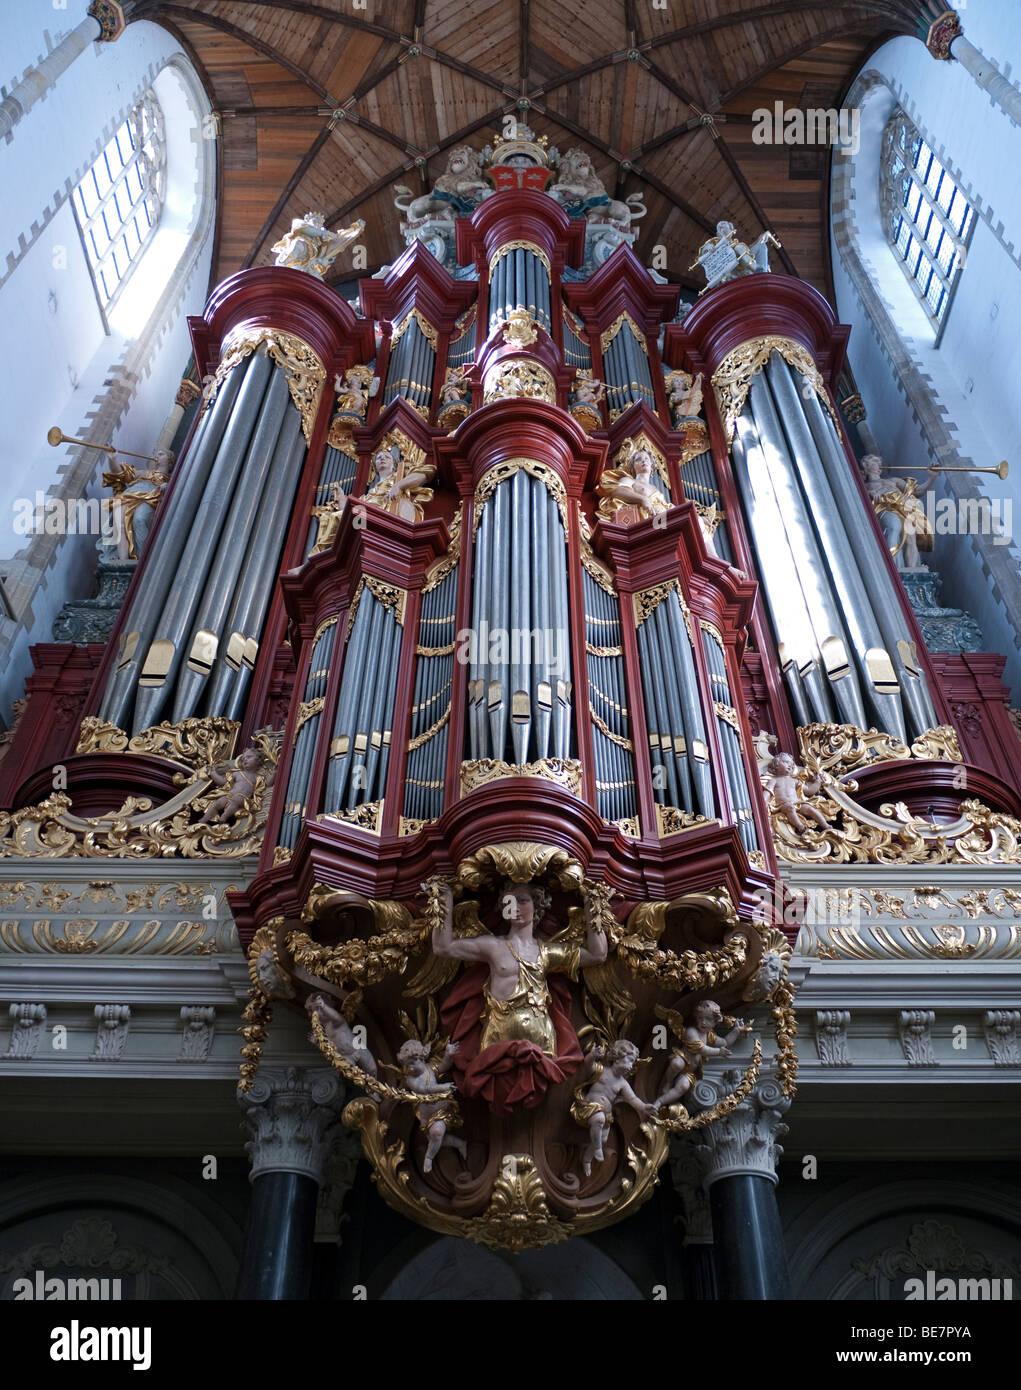 El famoso órgano Sint-Bavokerk Sint-Bavokerk dentro (o iglesia de San Bavo), Haarlem, Países Bajos Imagen De Stock